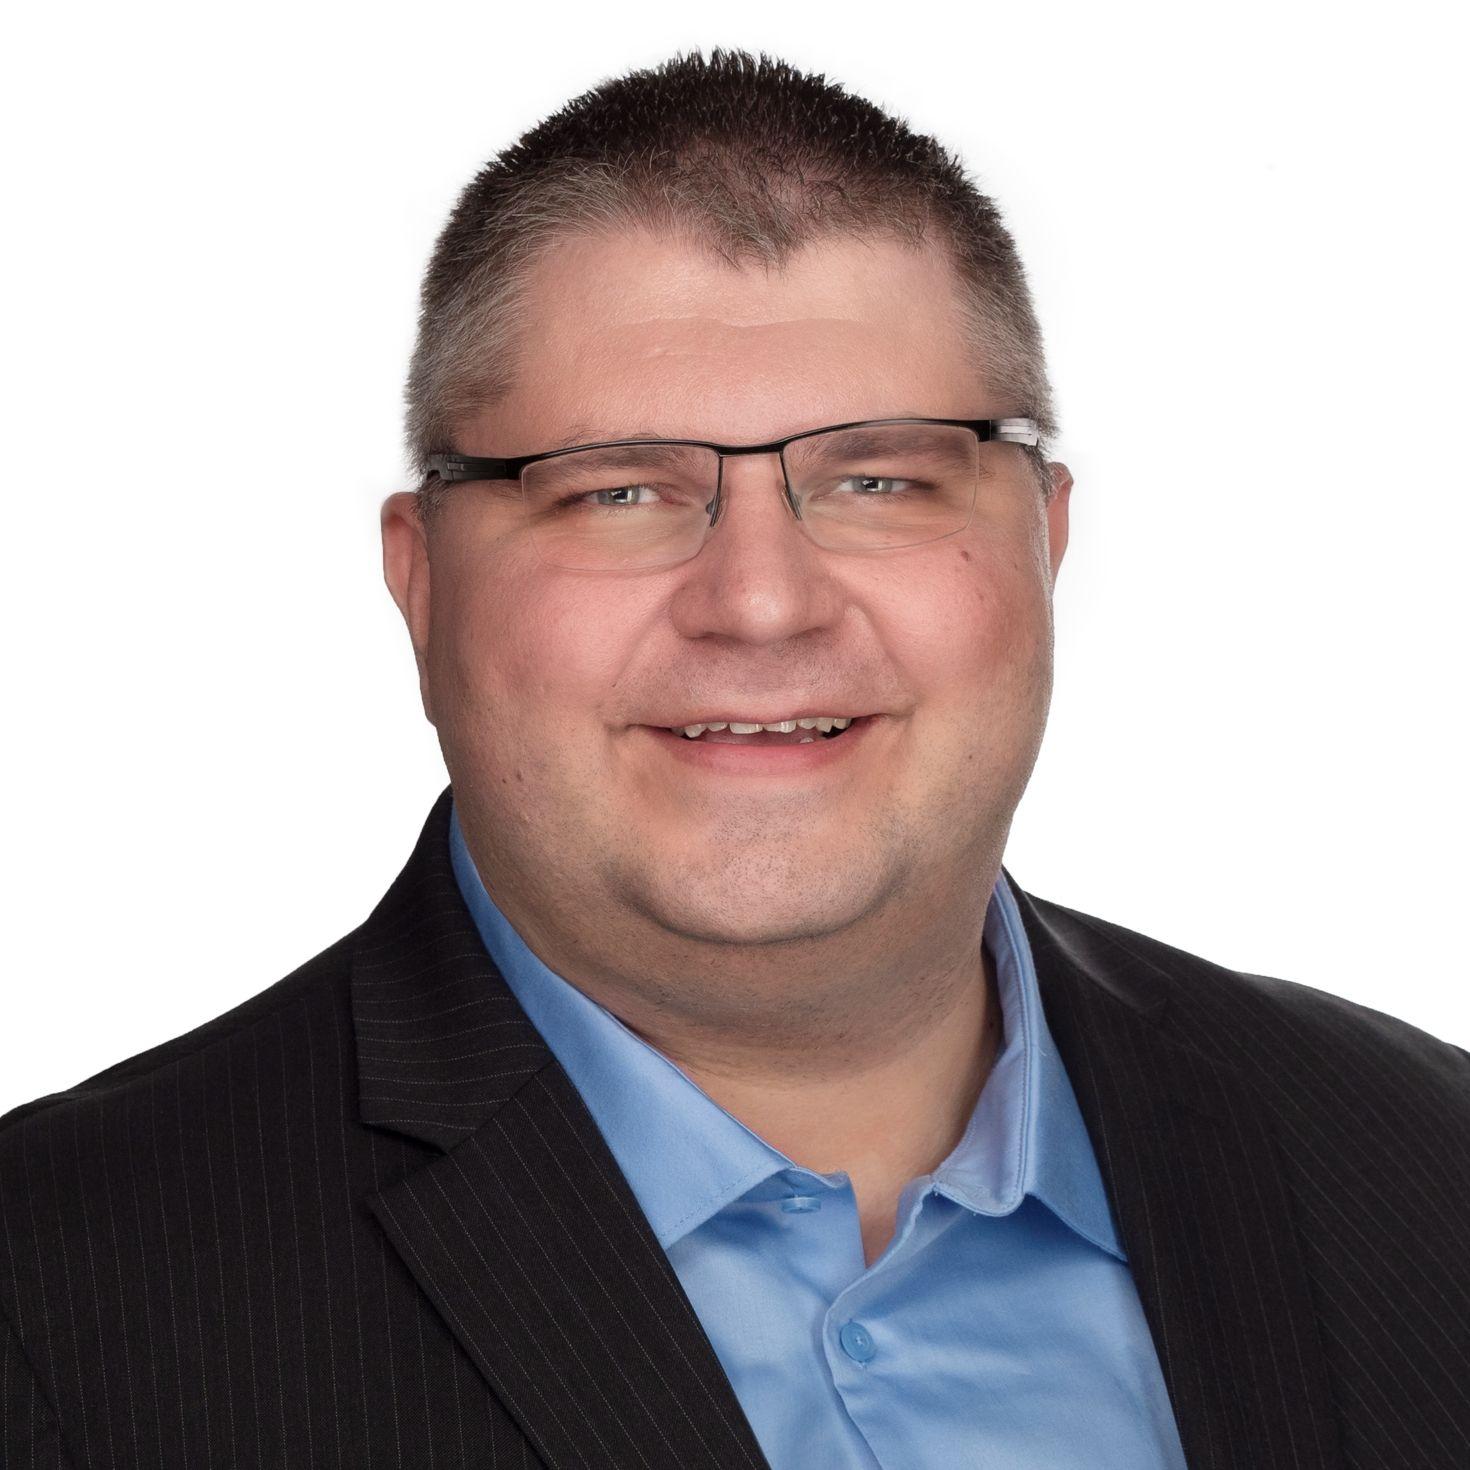 Cory Gordon Litzenberger